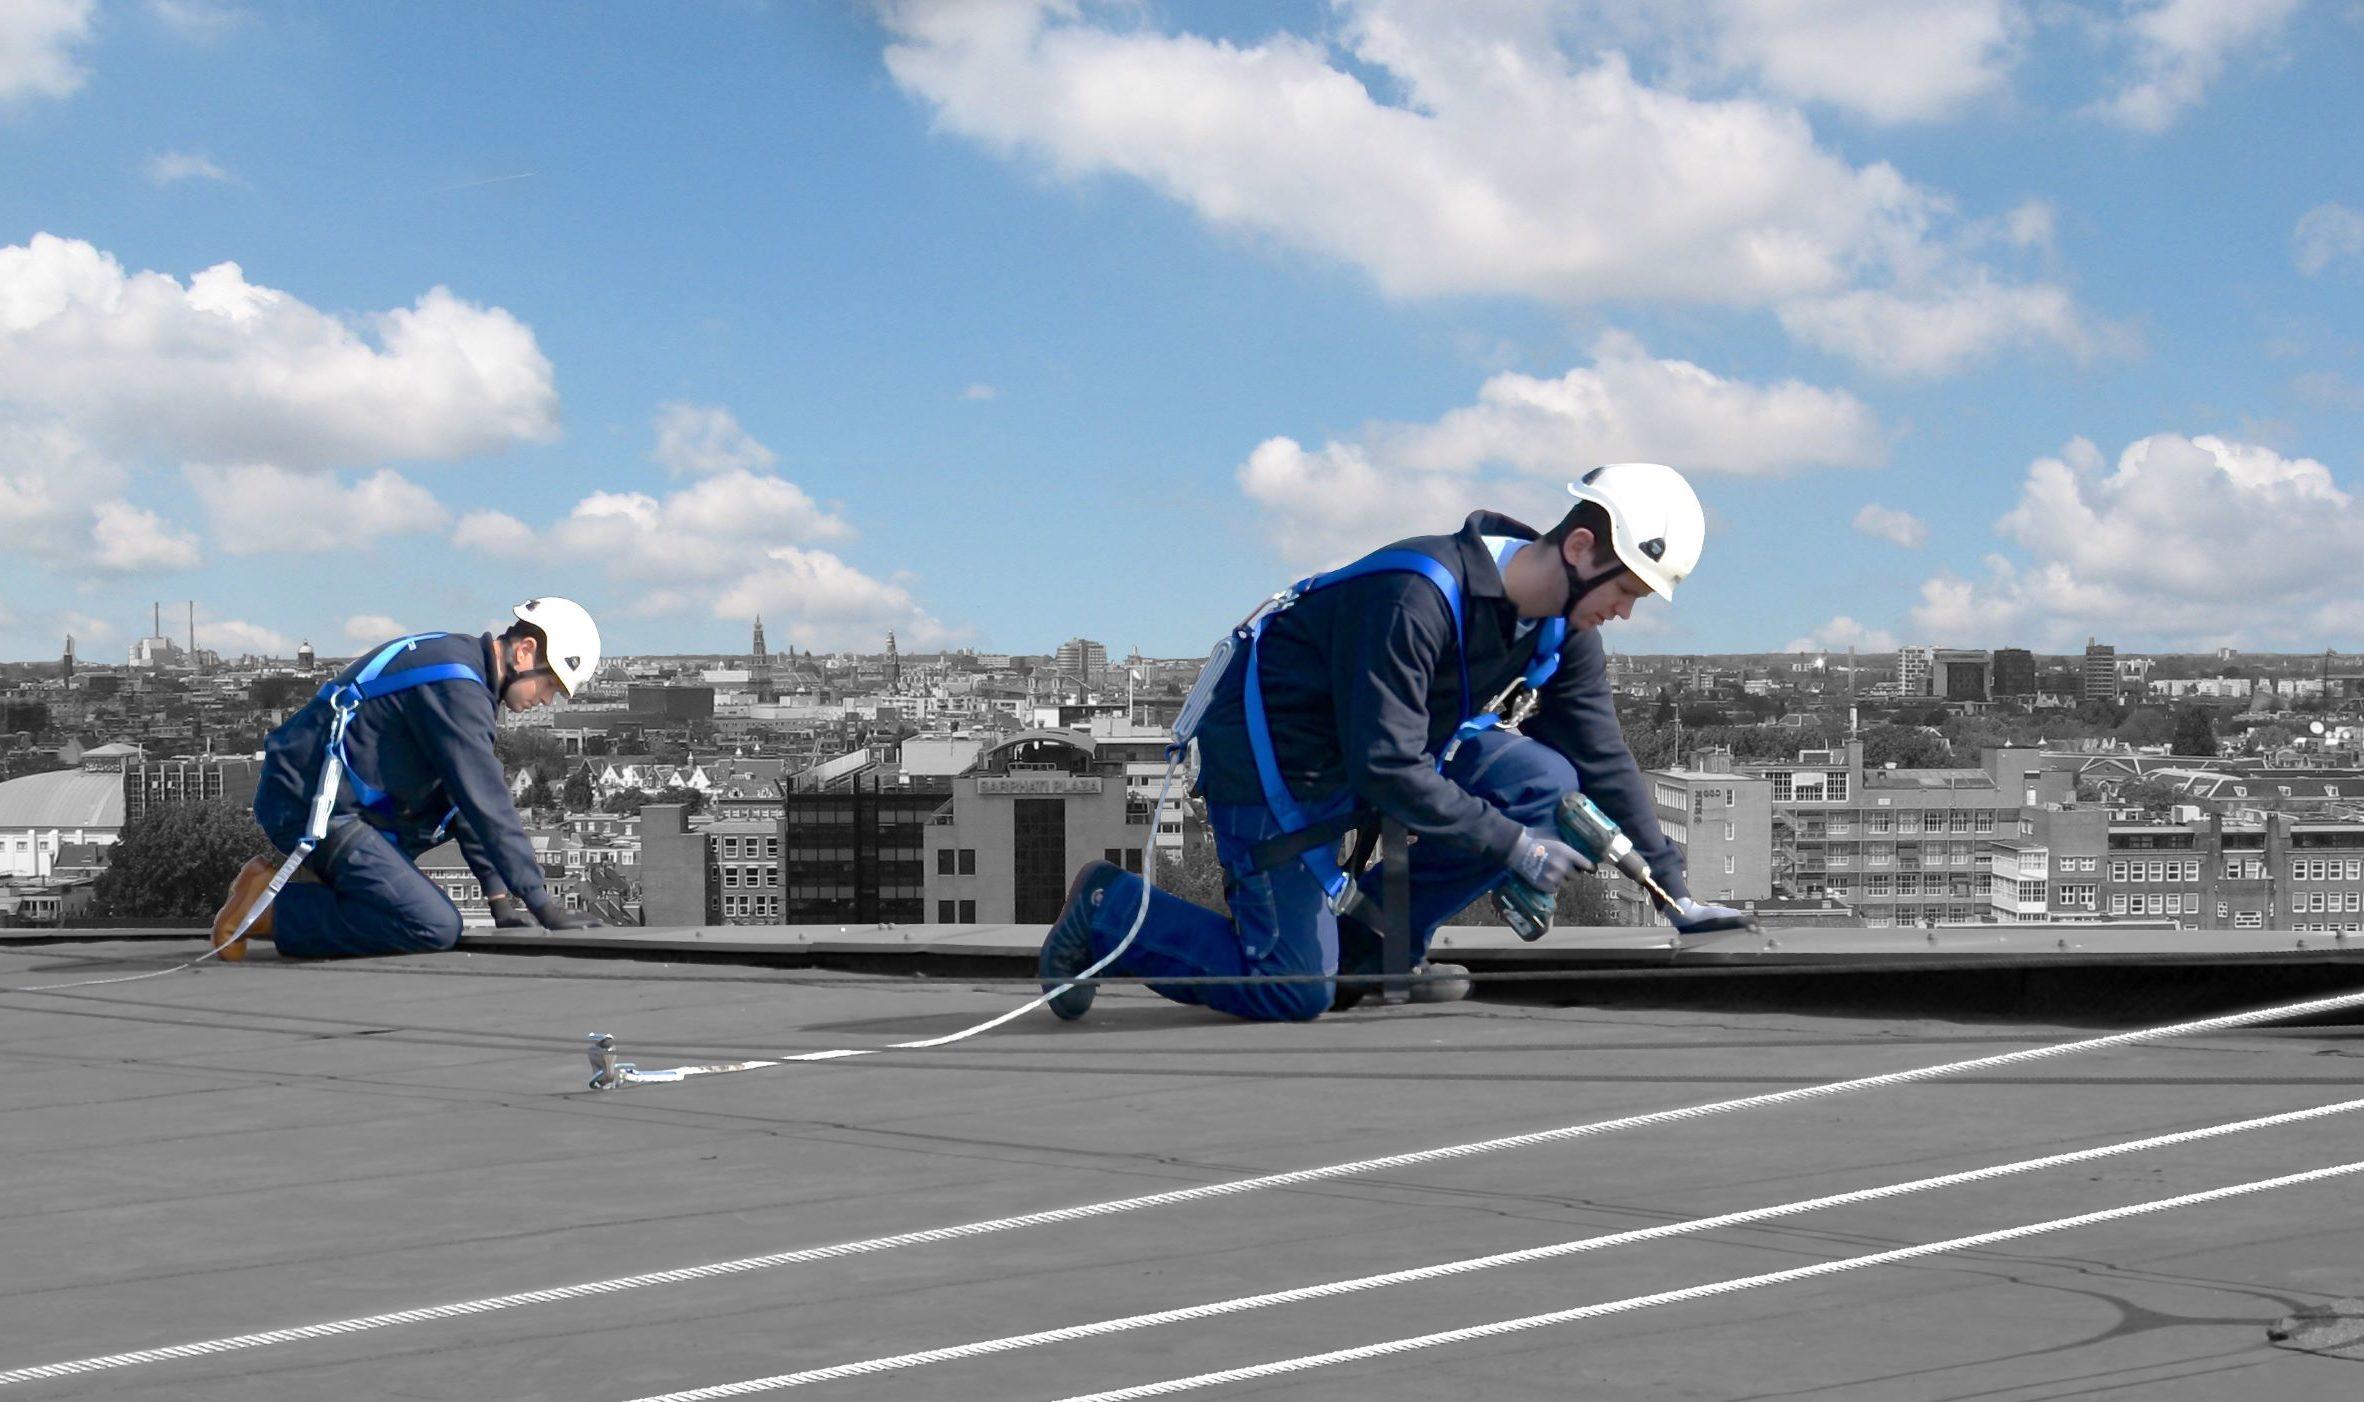 monteurs op dak met valbeveiliging